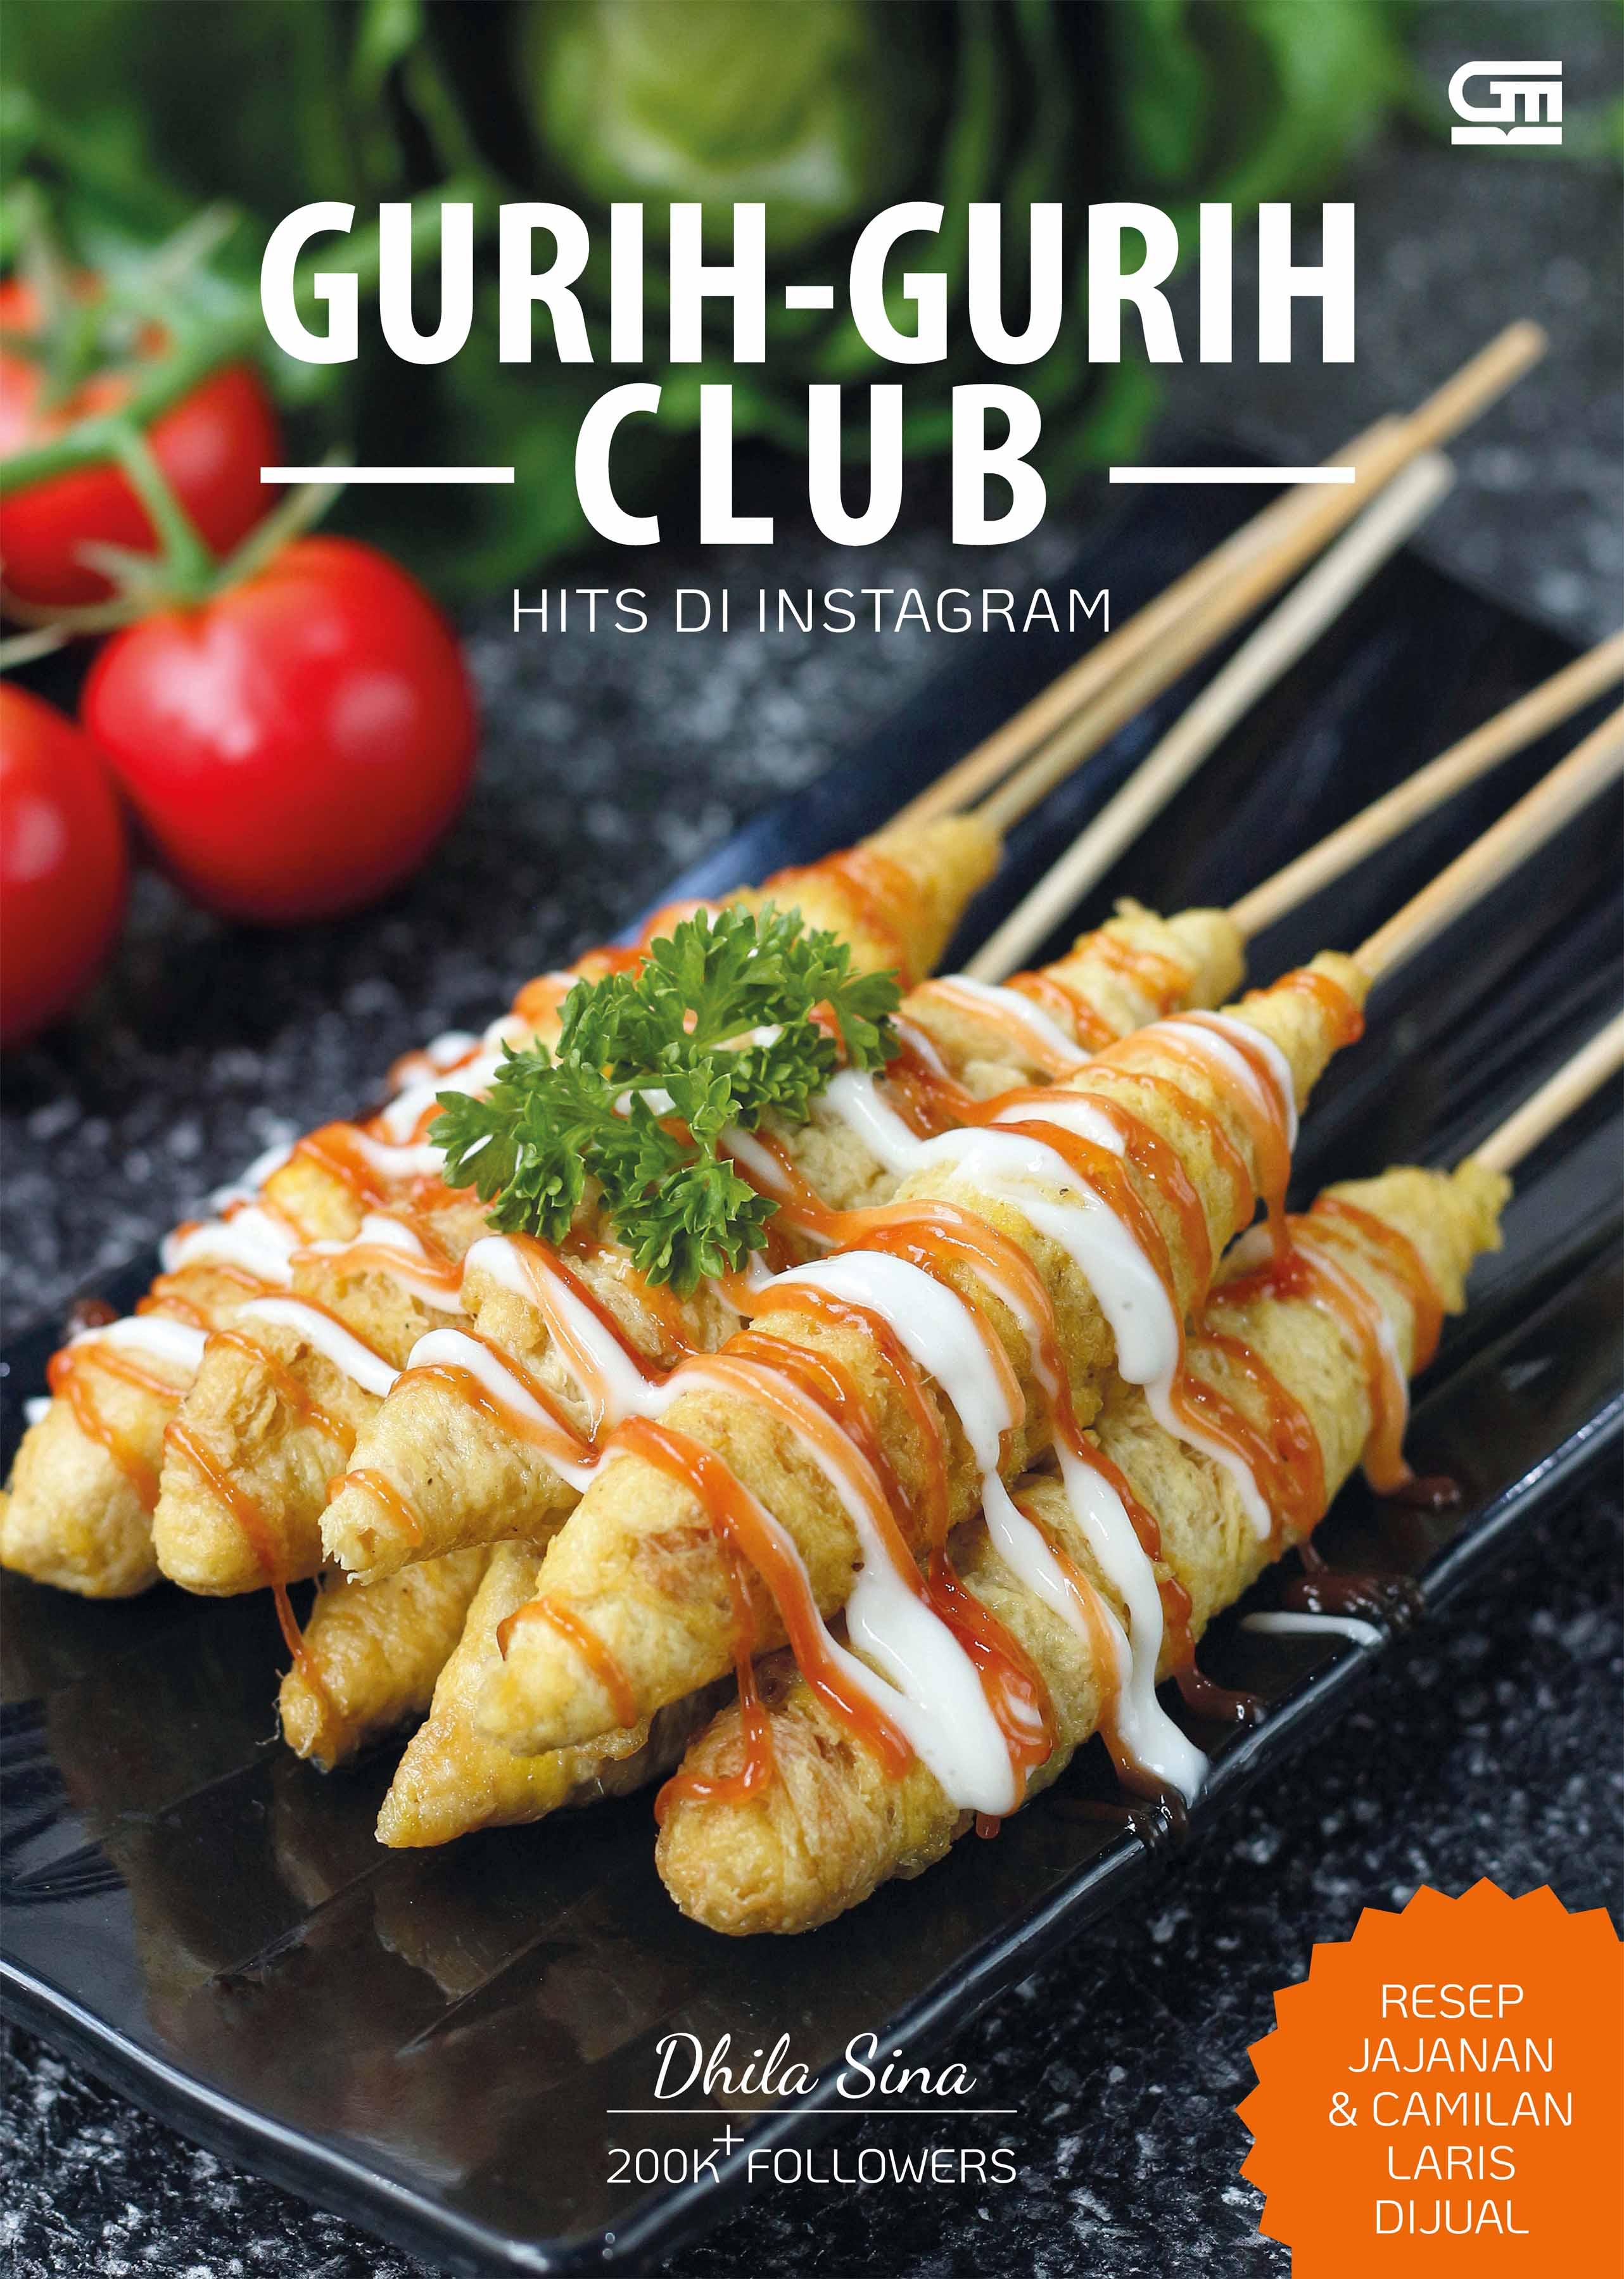 Gurih-Gurih Club Hits di Instagram - Resep Jajanan & Camilan Laris Dijual